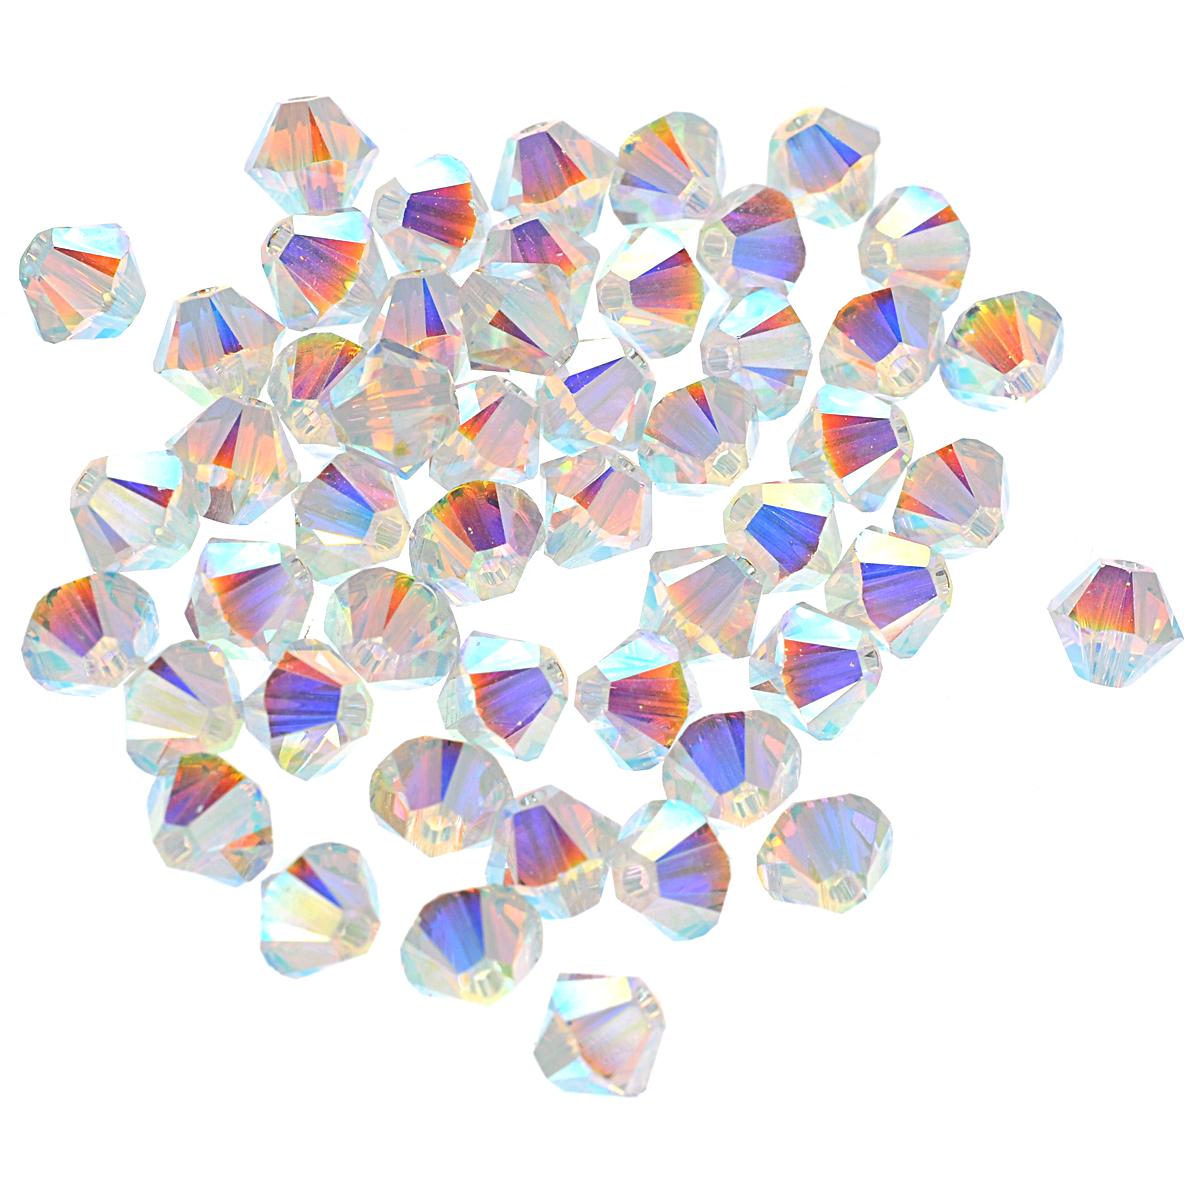 Бусины Swarovski Elements Кристалл, цвет: перламутровый (crystal AB), диаметр 4 мм, 50 шт. 389026crystal AB2X389026_crystal AB2XНабор бусин Swarovski Elements Кристалл, изготовленный из стекла с радужным покрытием, позволит вам своими руками создать оригинальные ожерелья, бусы или браслеты. Изготовление украшений - занимательное хобби и реализация творческих способностей рукодельницы, это возможность создания неповторимого индивидуального подарка.